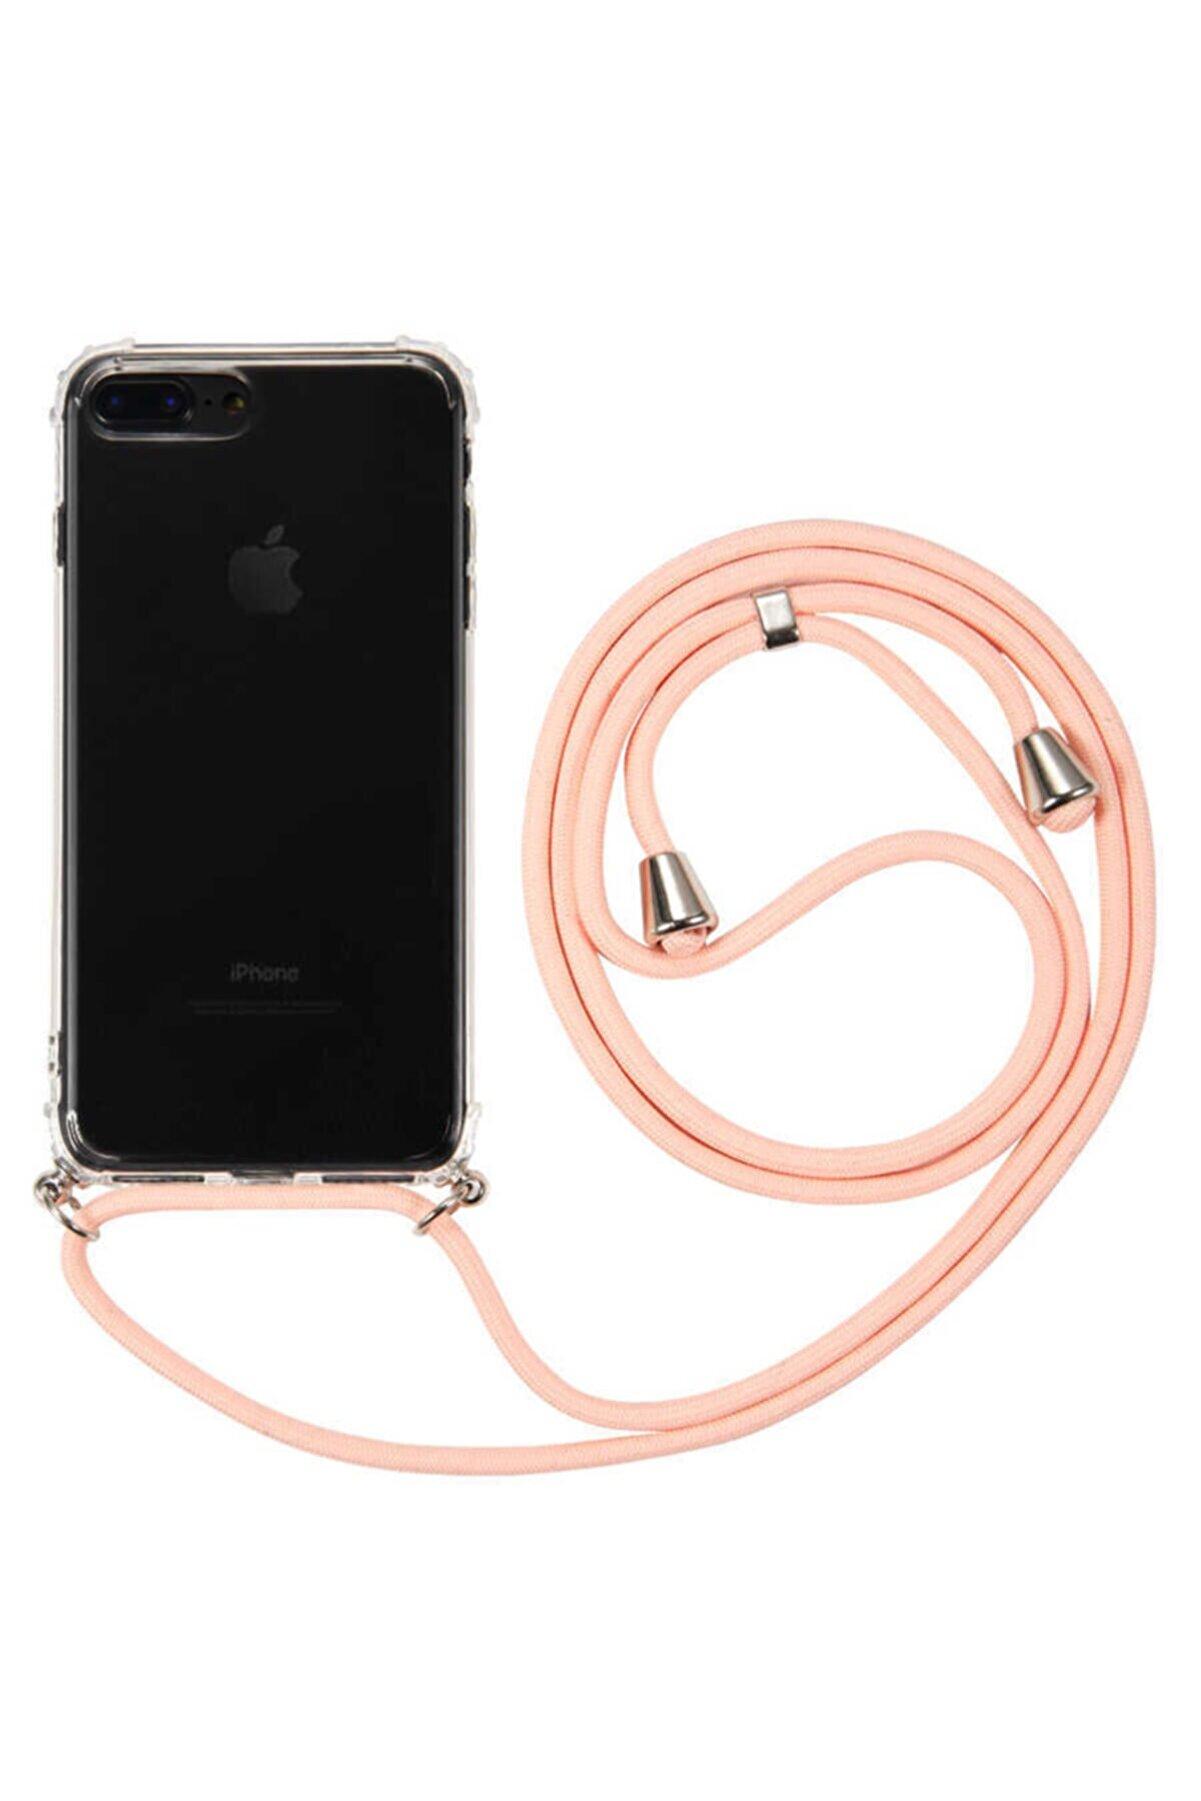 noktaks Apple Iphone 8 Plus - Uyumlu  Kılıf Ip Askılı Anti Shock Koruyucu X-rop Silikon